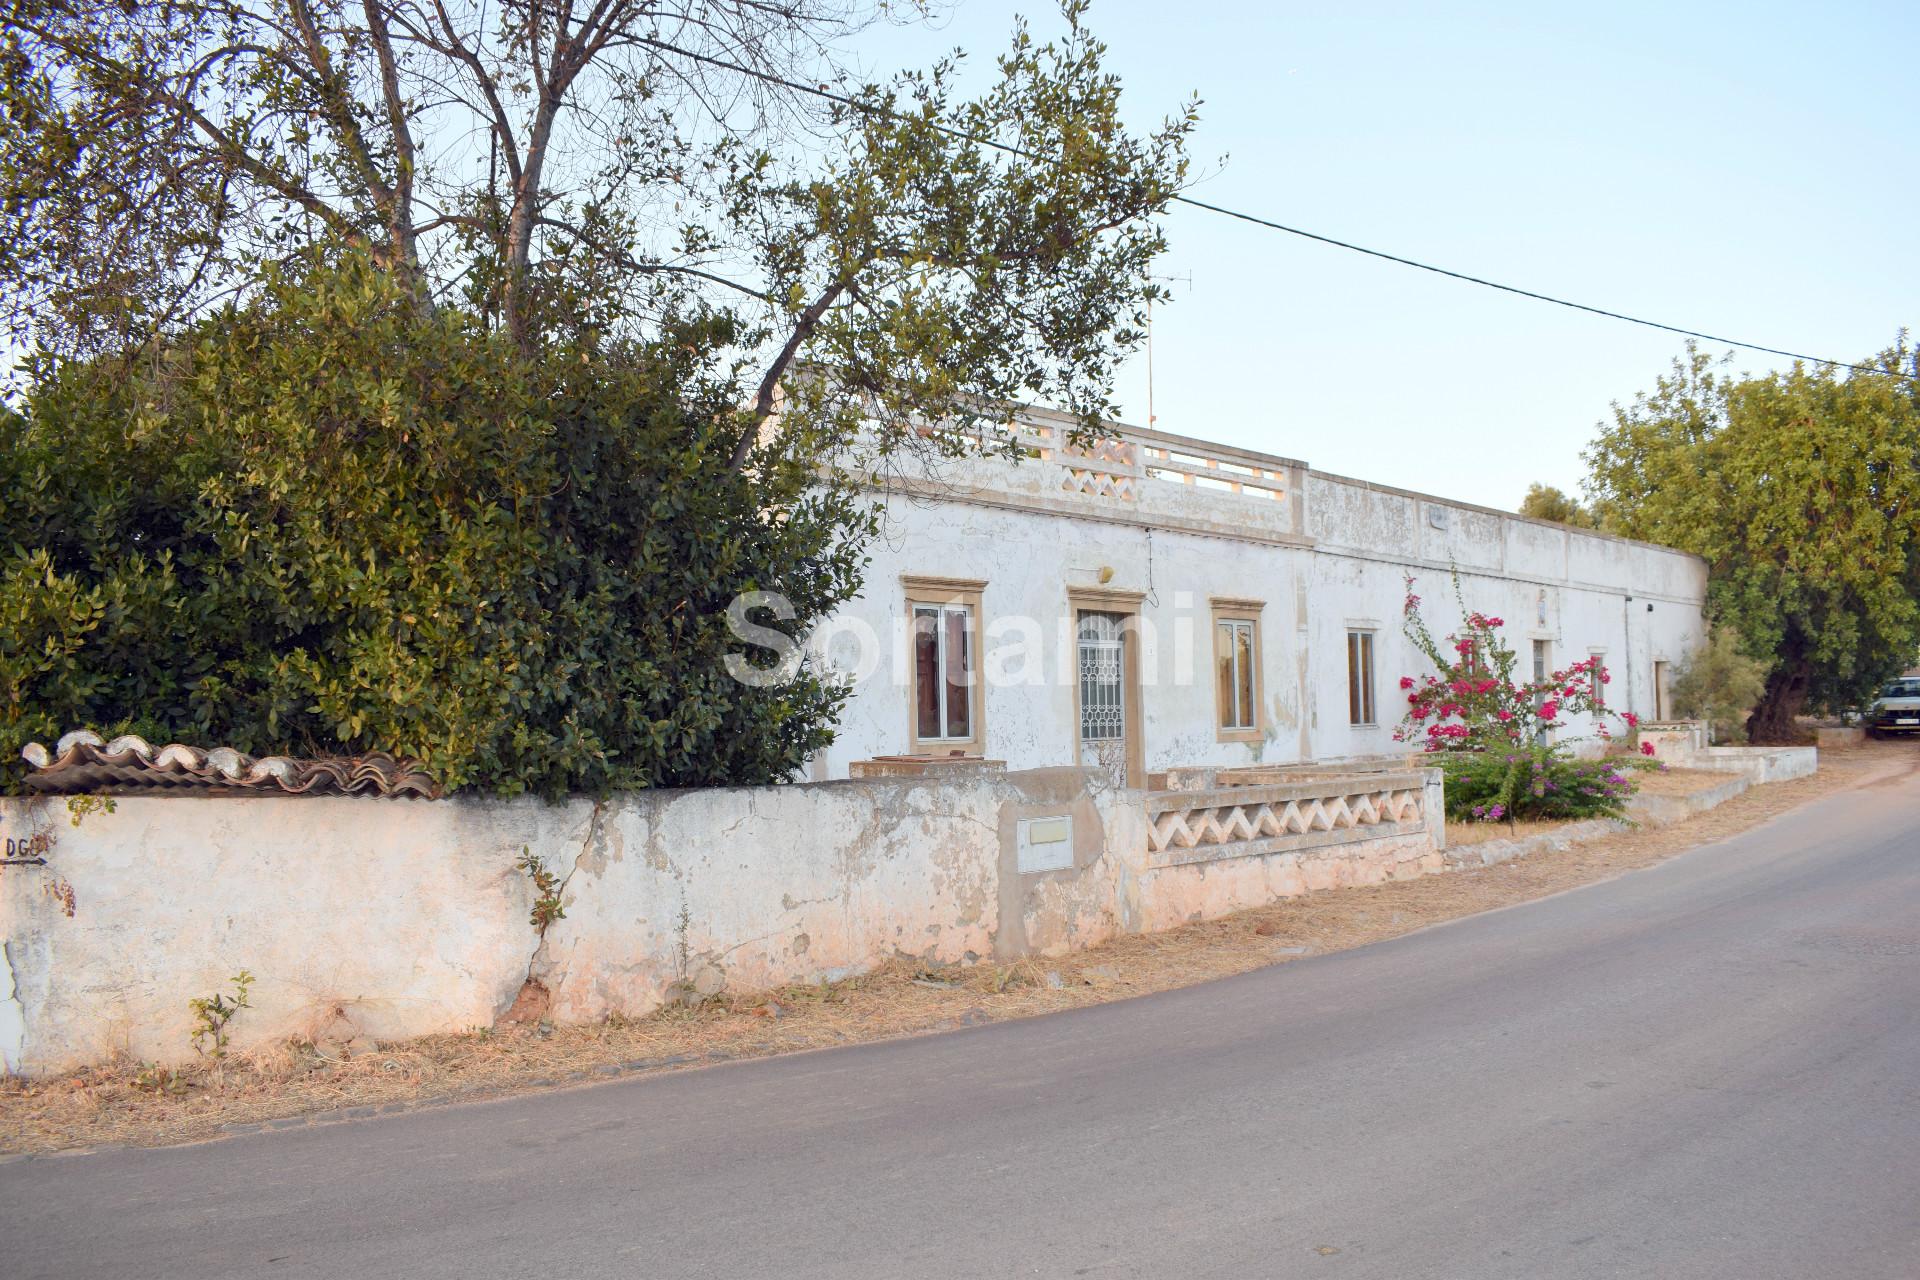 943a544bac3f1a Casas para Venda Loulé - CasaExpress.pt - CasaExpress.pt